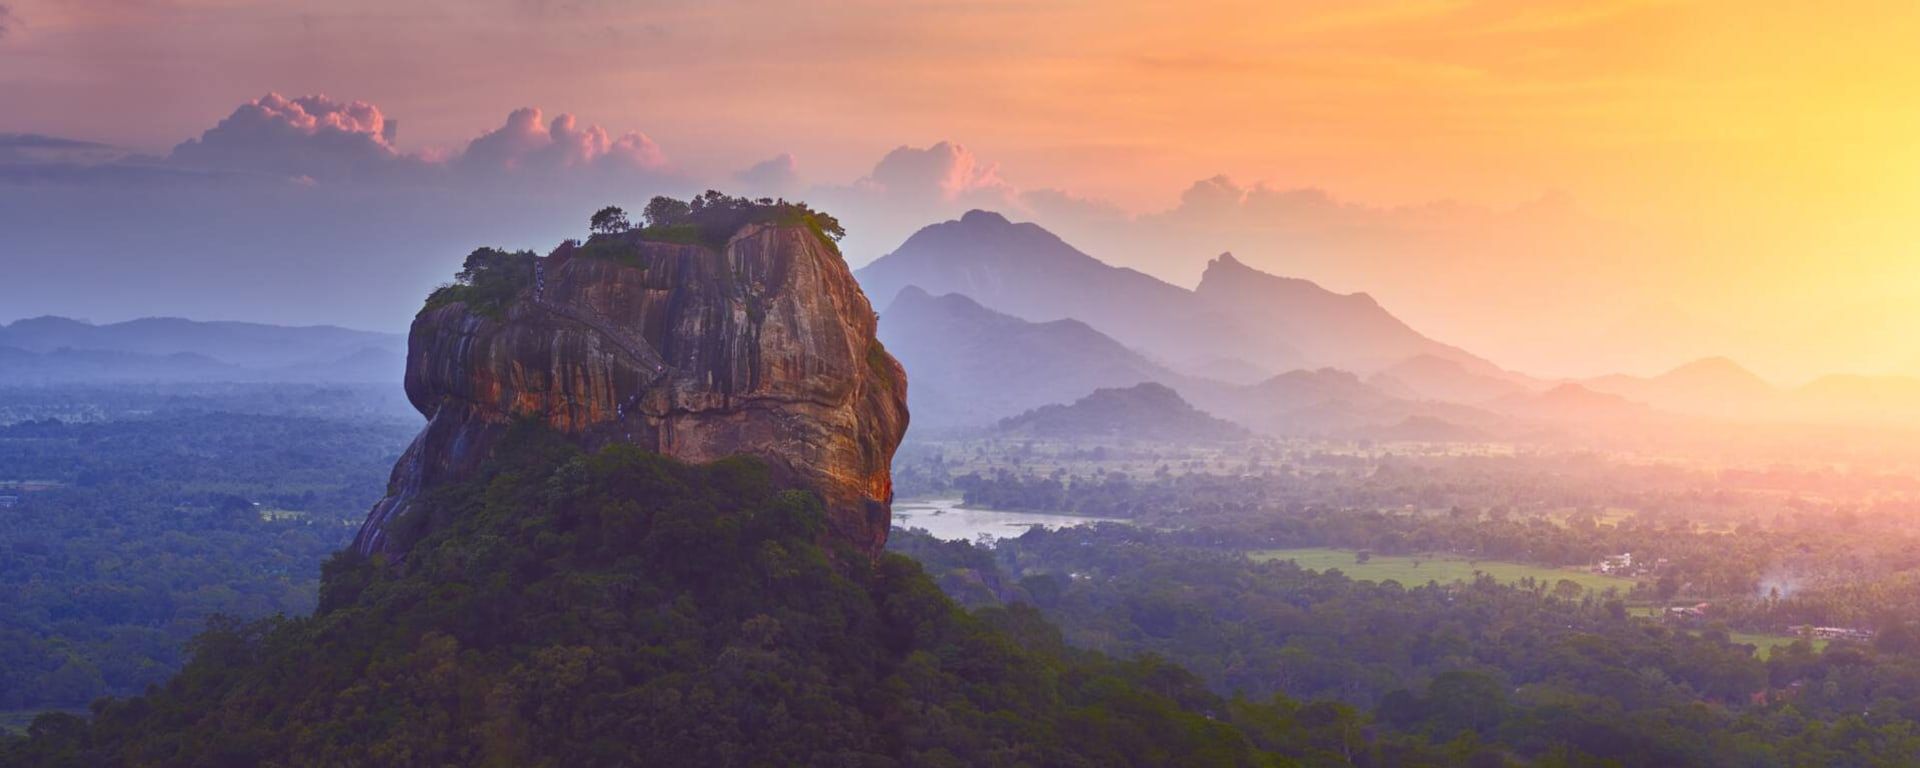 Sri Lanka entdecken mit Tischler Reisen: Sri Lanka Sigiriya Panorama